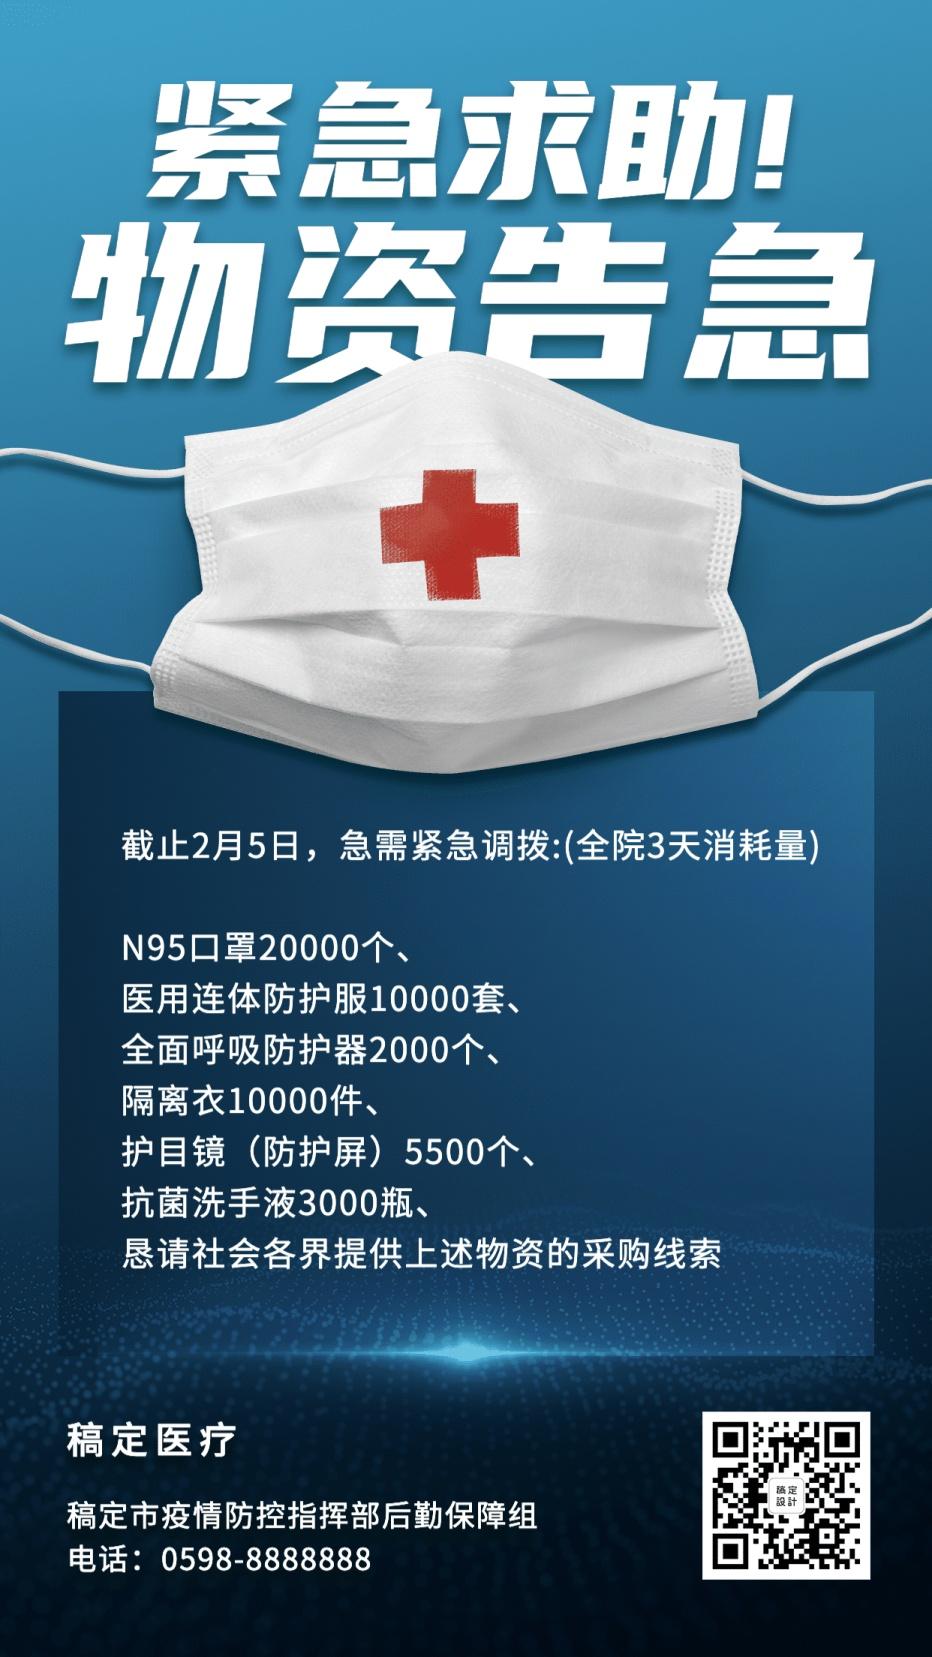 肺炎疫情资源求助捐赠援助口罩手机海报